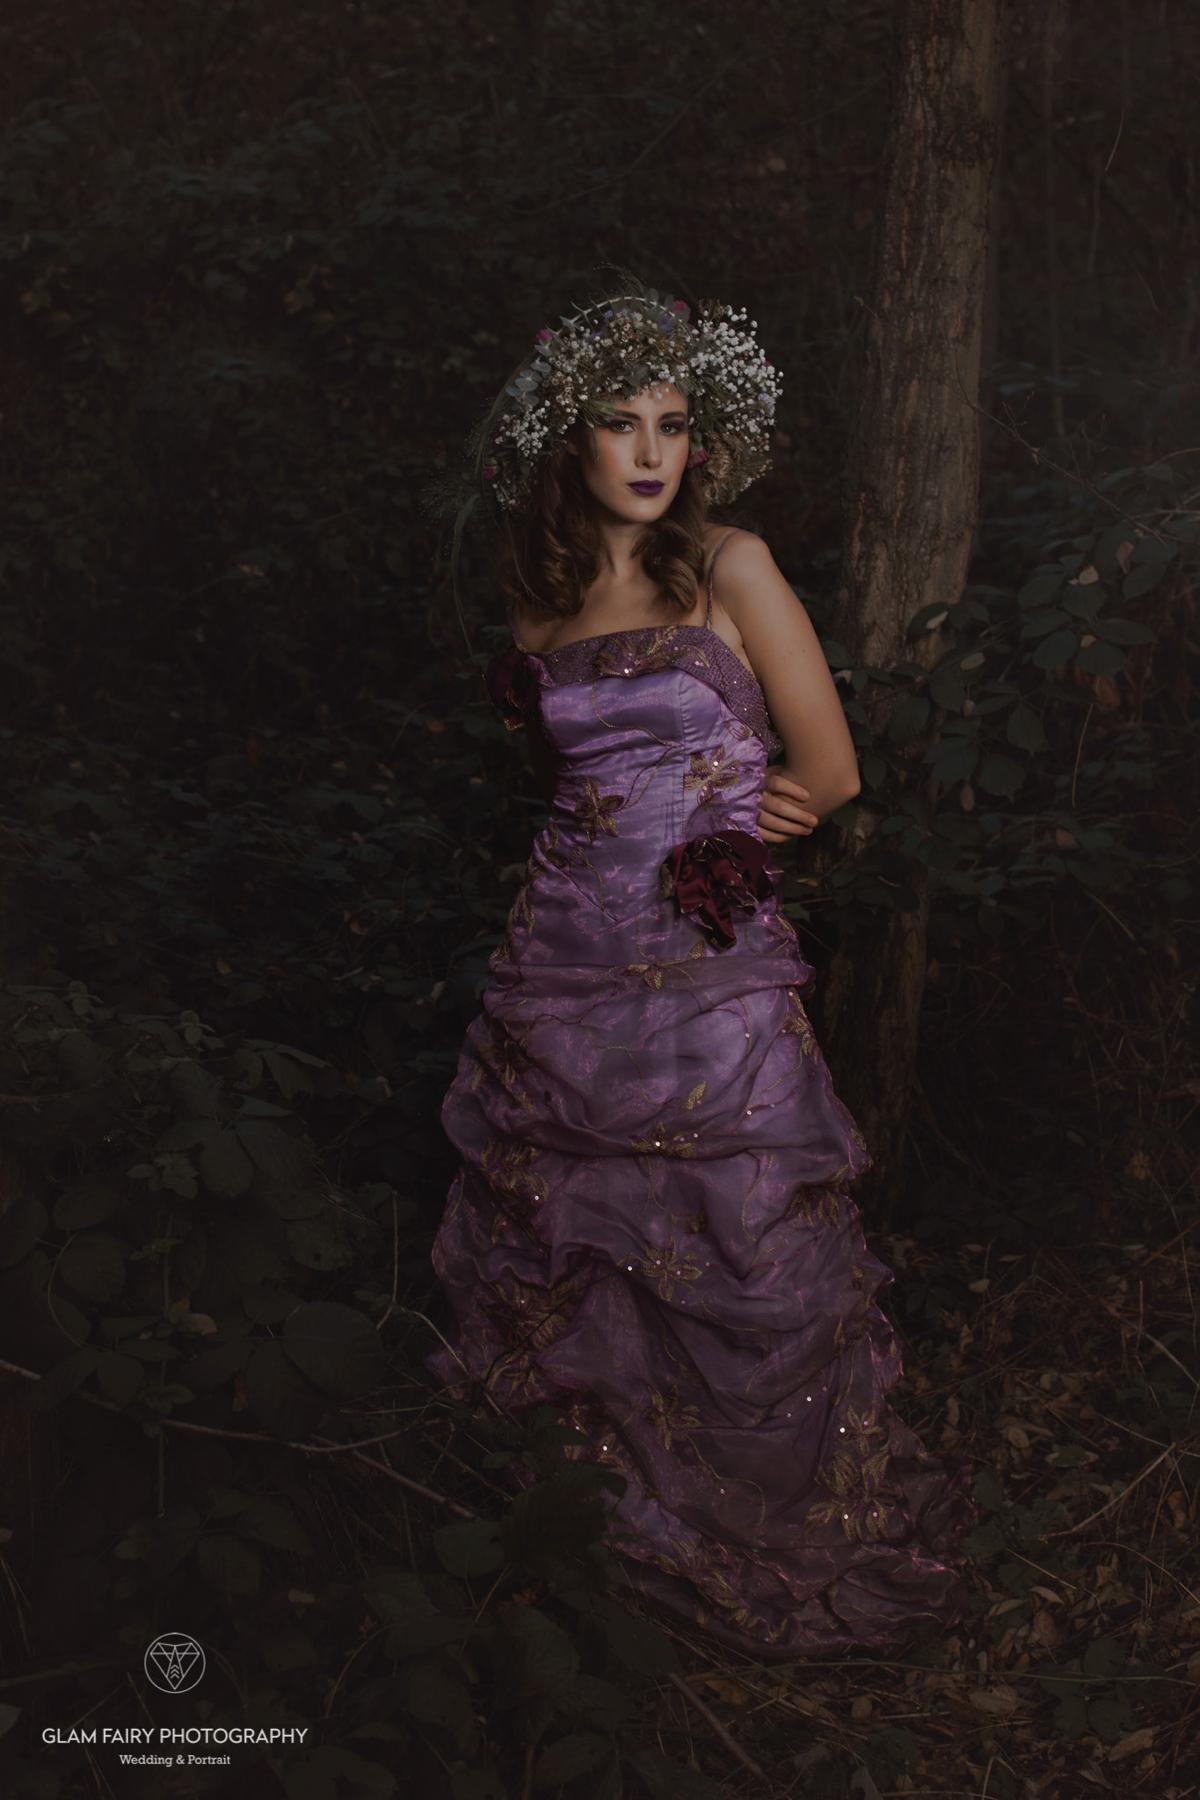 glamfairyphotography-seance-portrait-creatif-madeleine_0006